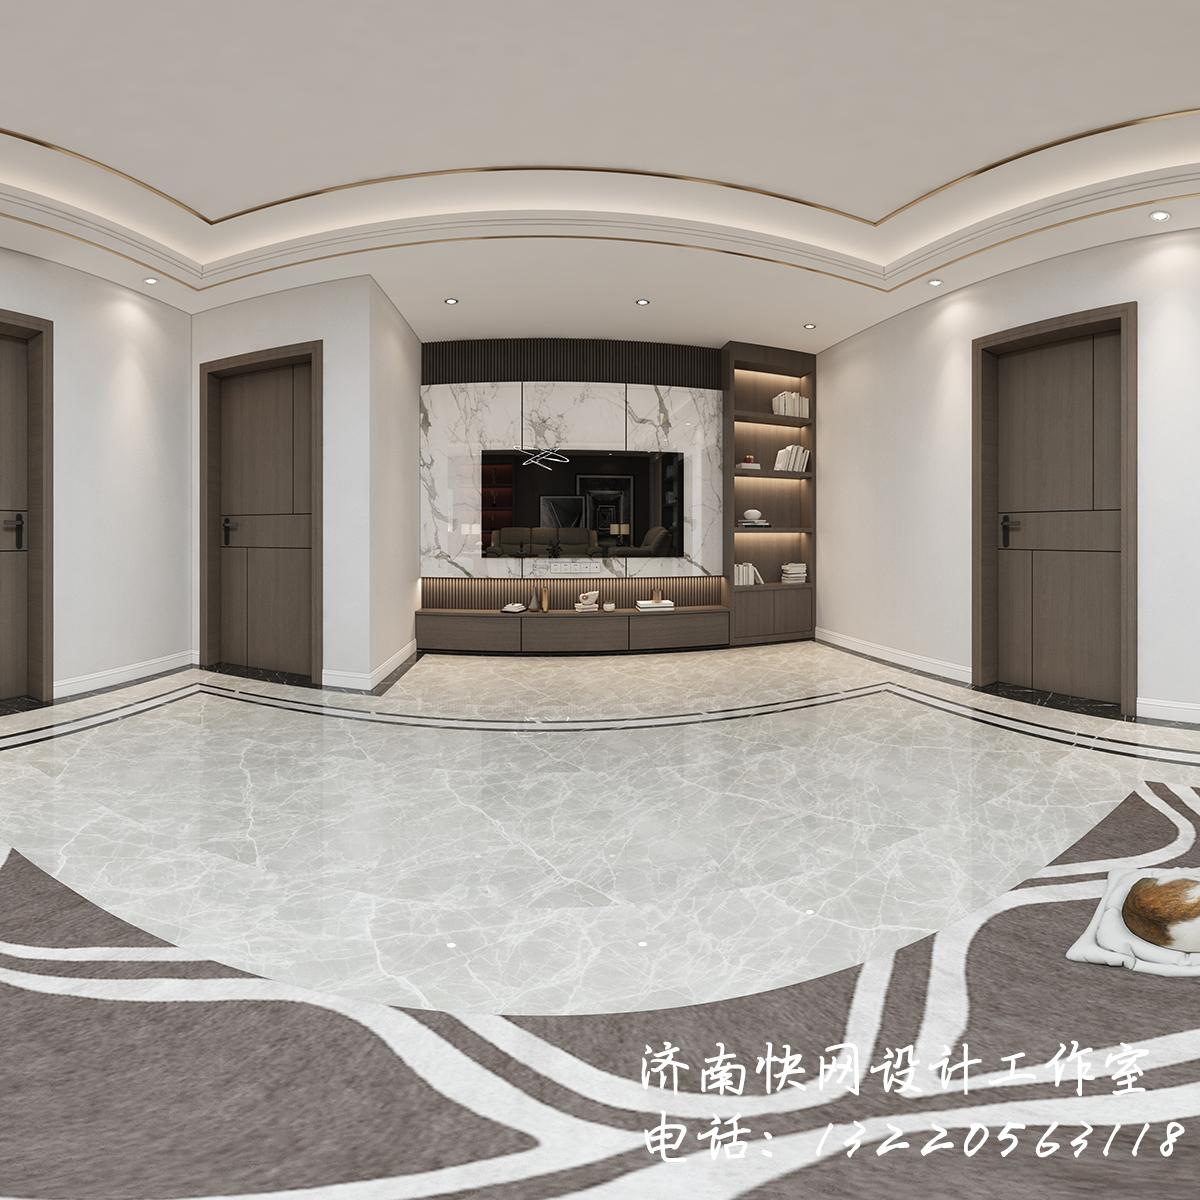 简奢风格客厅设计全景效果图